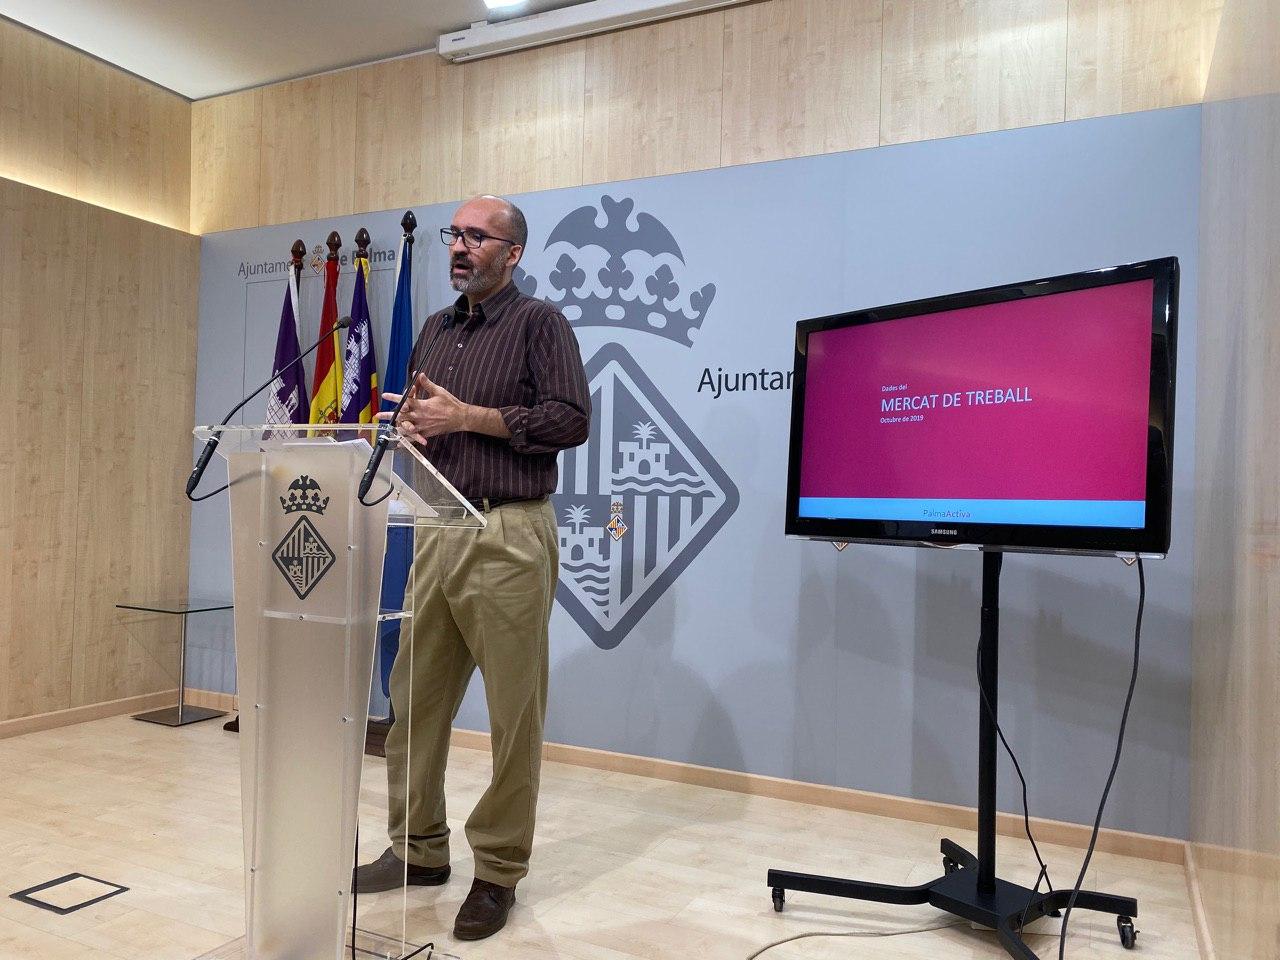 Coordinador de la regidoria de Promoció Econòmica i Ocupació, Miquel Àngel Capó